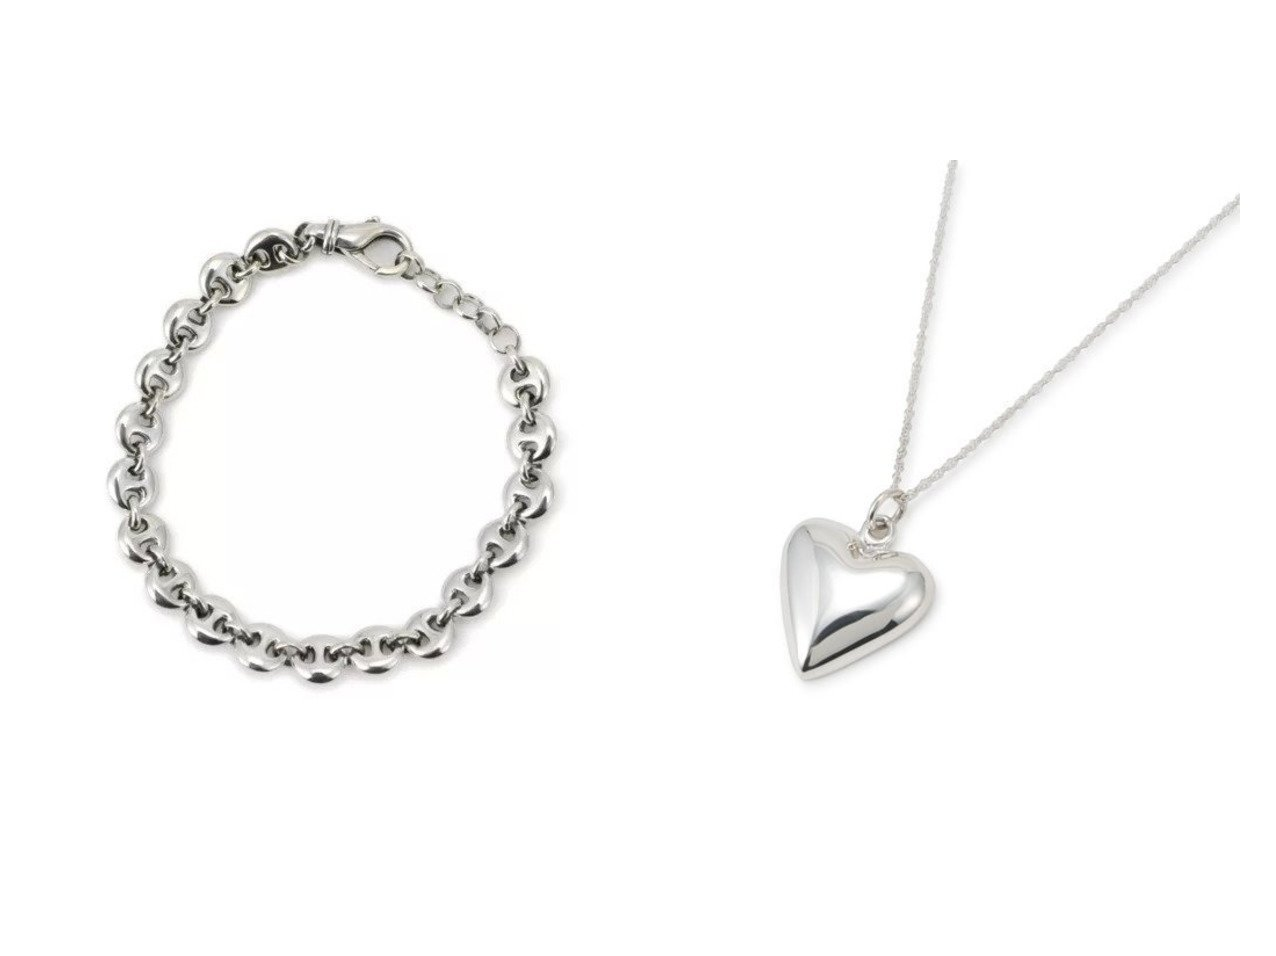 【SOPHIE BUHAI/ソフィー ブハイ】のSmall Circle Link Bracelet&Petite Heart Pendant おすすめ!人気、トレンド・レディースファッションの通販 おすすめで人気の流行・トレンド、ファッションの通販商品 インテリア・家具・メンズファッション・キッズファッション・レディースファッション・服の通販 founy(ファニー) https://founy.com/ ファッション Fashion レディースファッション WOMEN ジュエリー Jewelry ブレスレット Bracelets バングル Bangles ネックレス Necklaces アクセサリー エレガント サークル シルバー ブレスレット ガーリー スウィート チェーン ネックレス フォルム モダン |ID:crp329100000074588